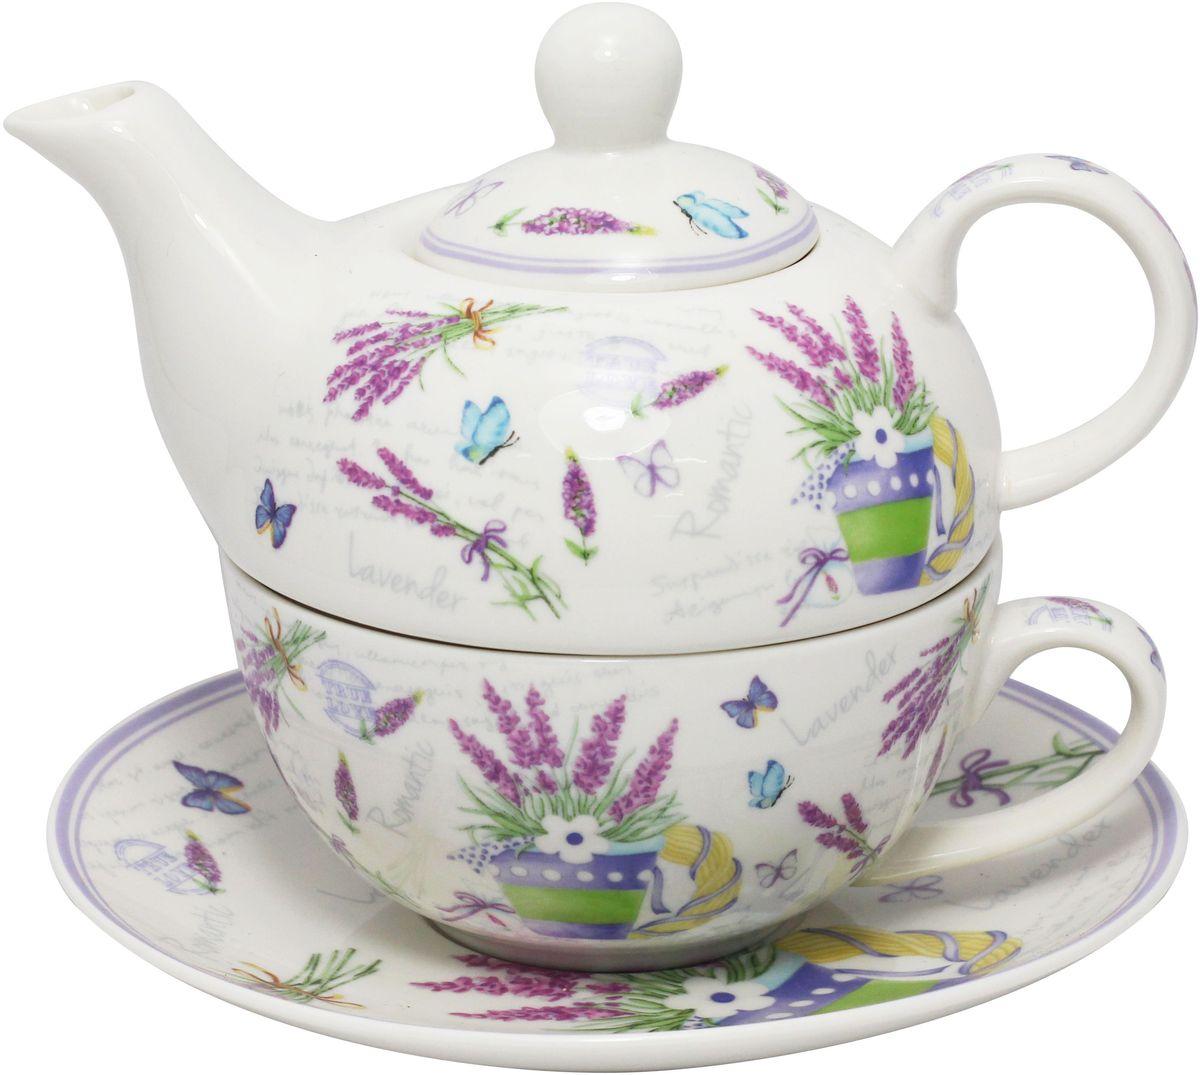 Набор чайный JEWEL  Лаванда , 3 предмета - Посуда для приготовления